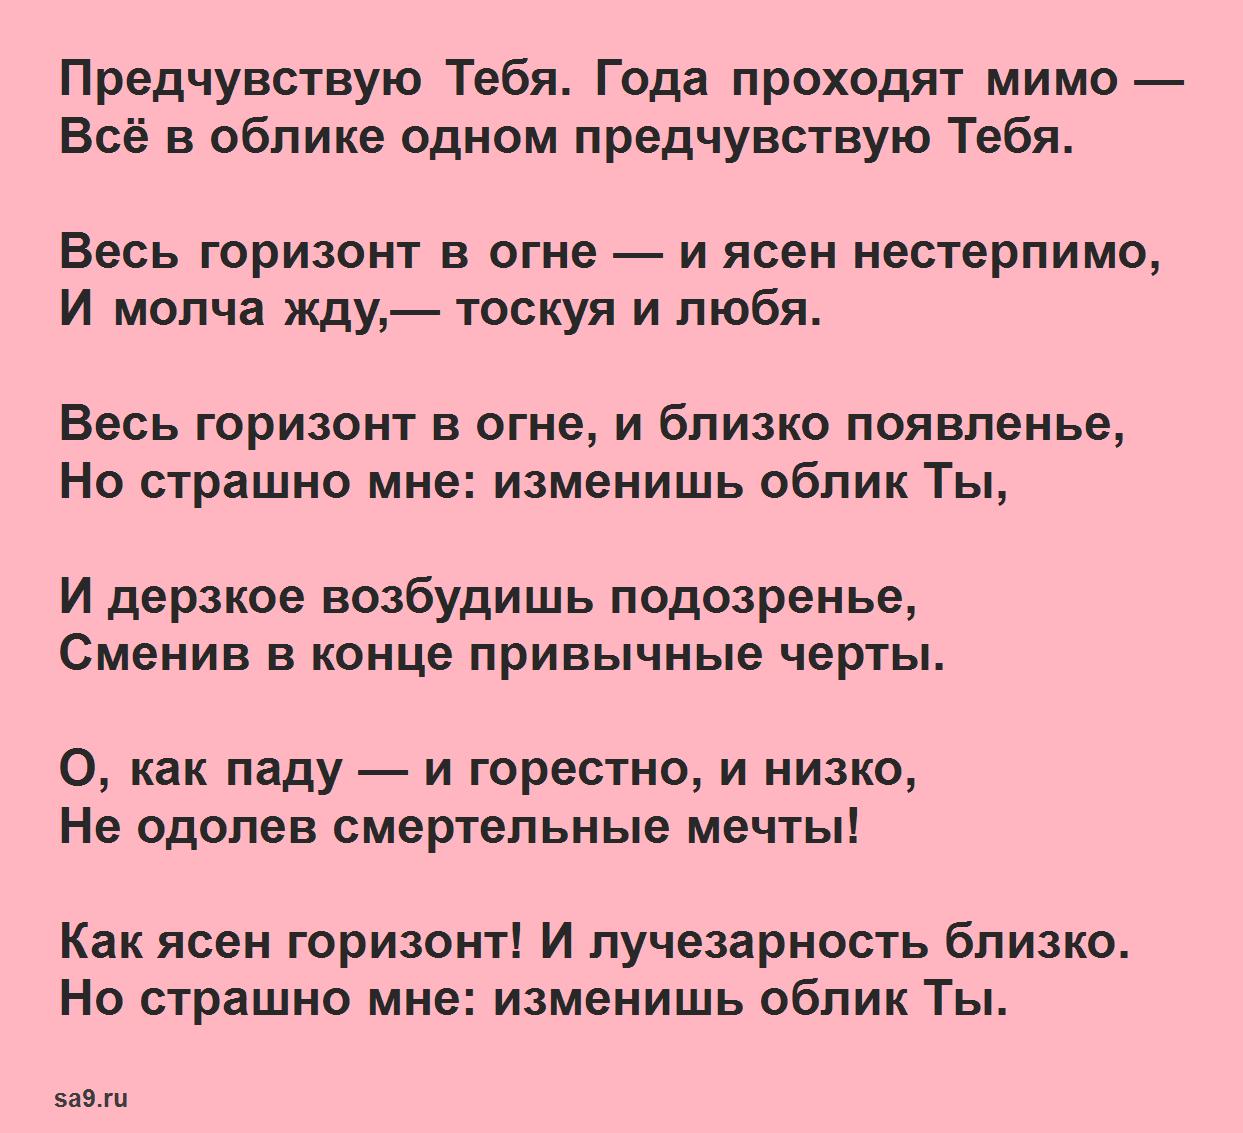 Стихи Блока о любви - Предчувствую тебя, года проходят мимо, 12 строк